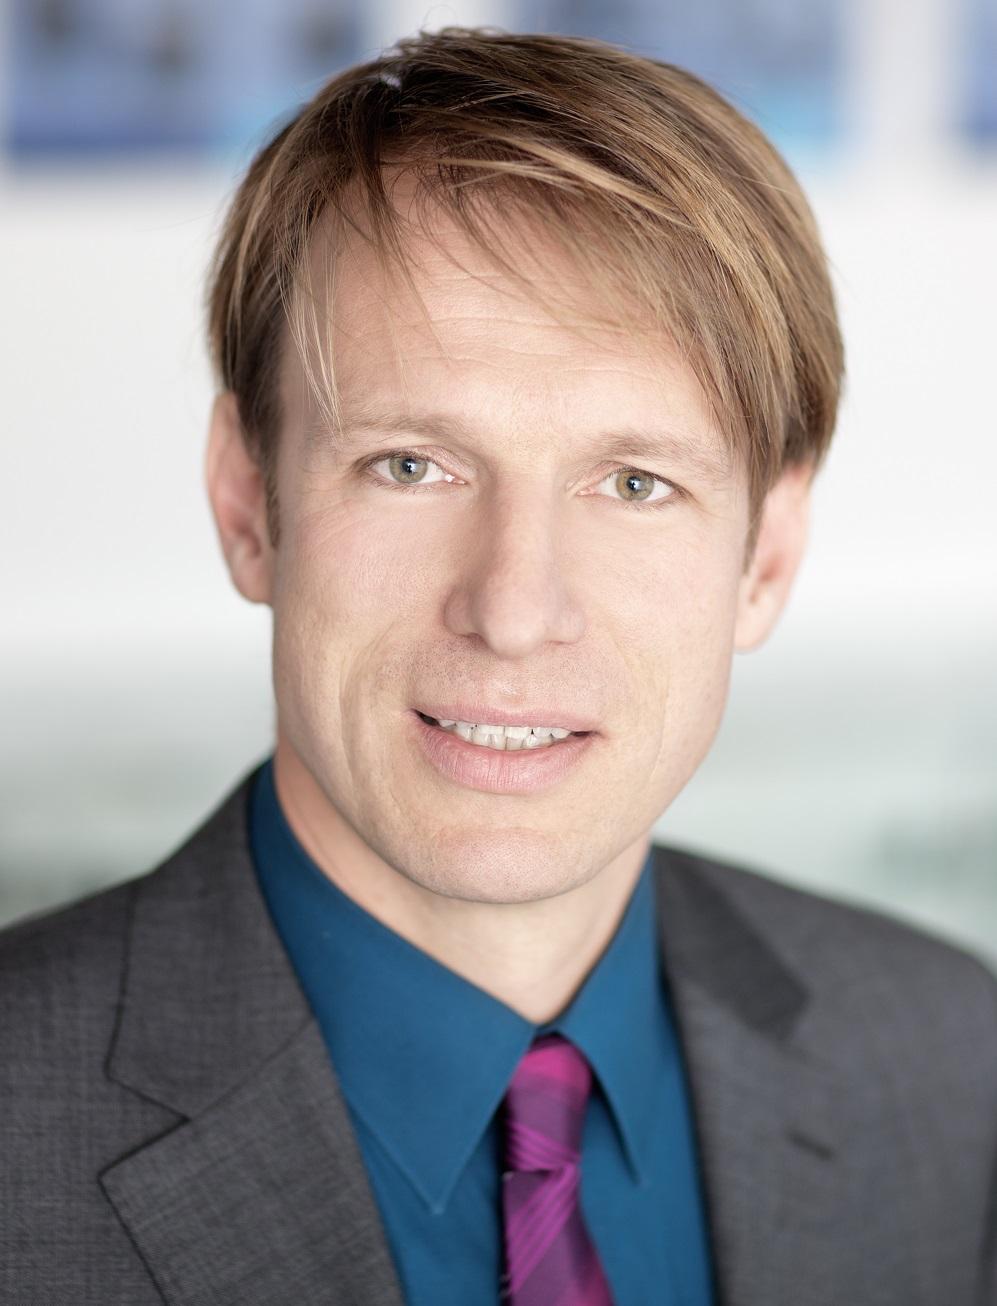 Bild von Dipl.-Ing. Anton Fuchs, Geschäftsführer Technik, Schlaeger M-Tech GmbH (Bild: Schlaeger M-Tech GmbH)